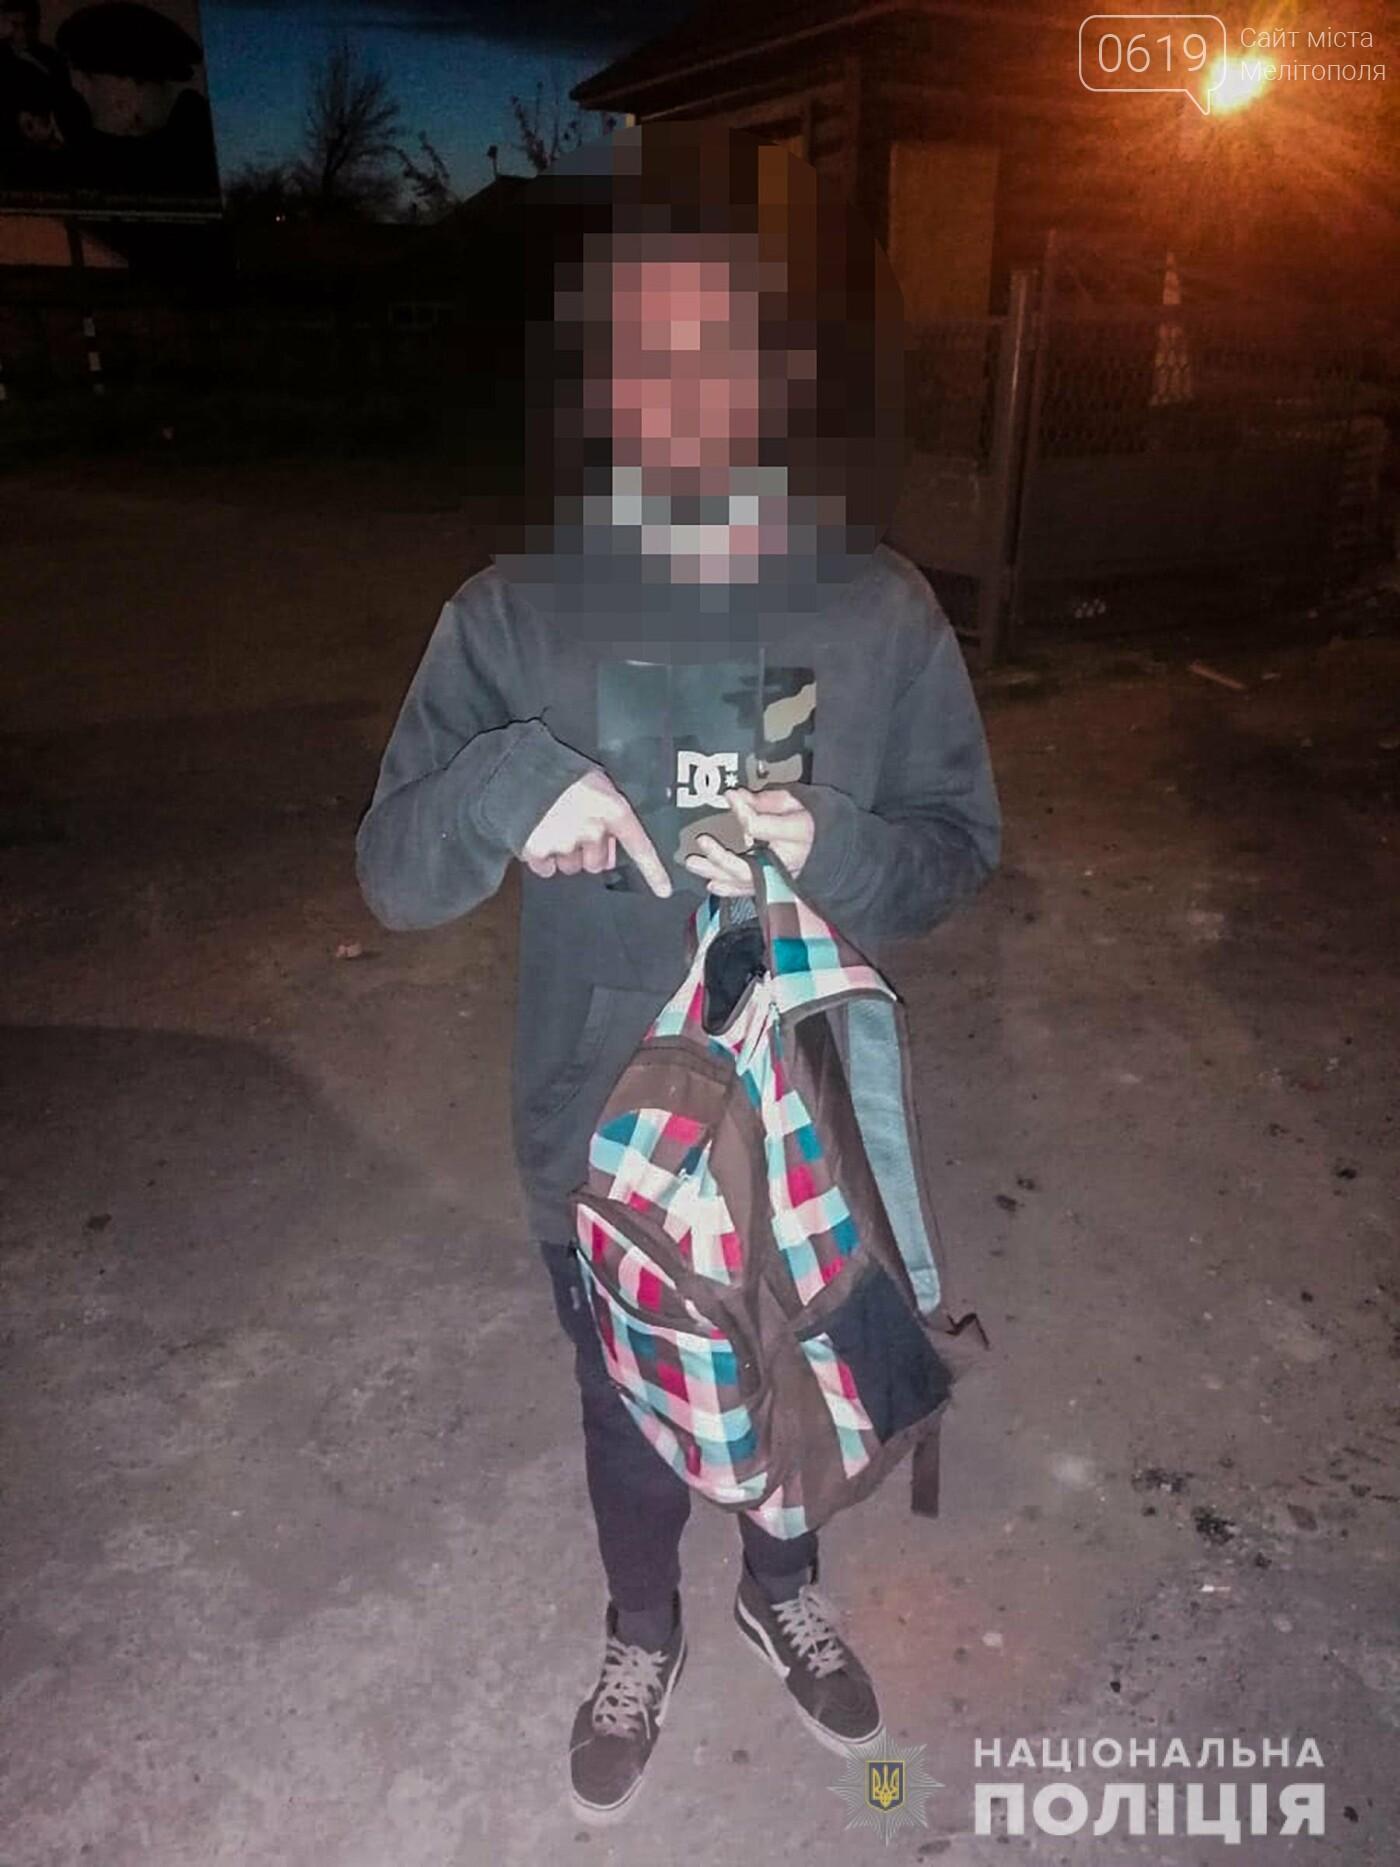 Порошок получил по почте: мелитополец попался с наркотиками, фото-1